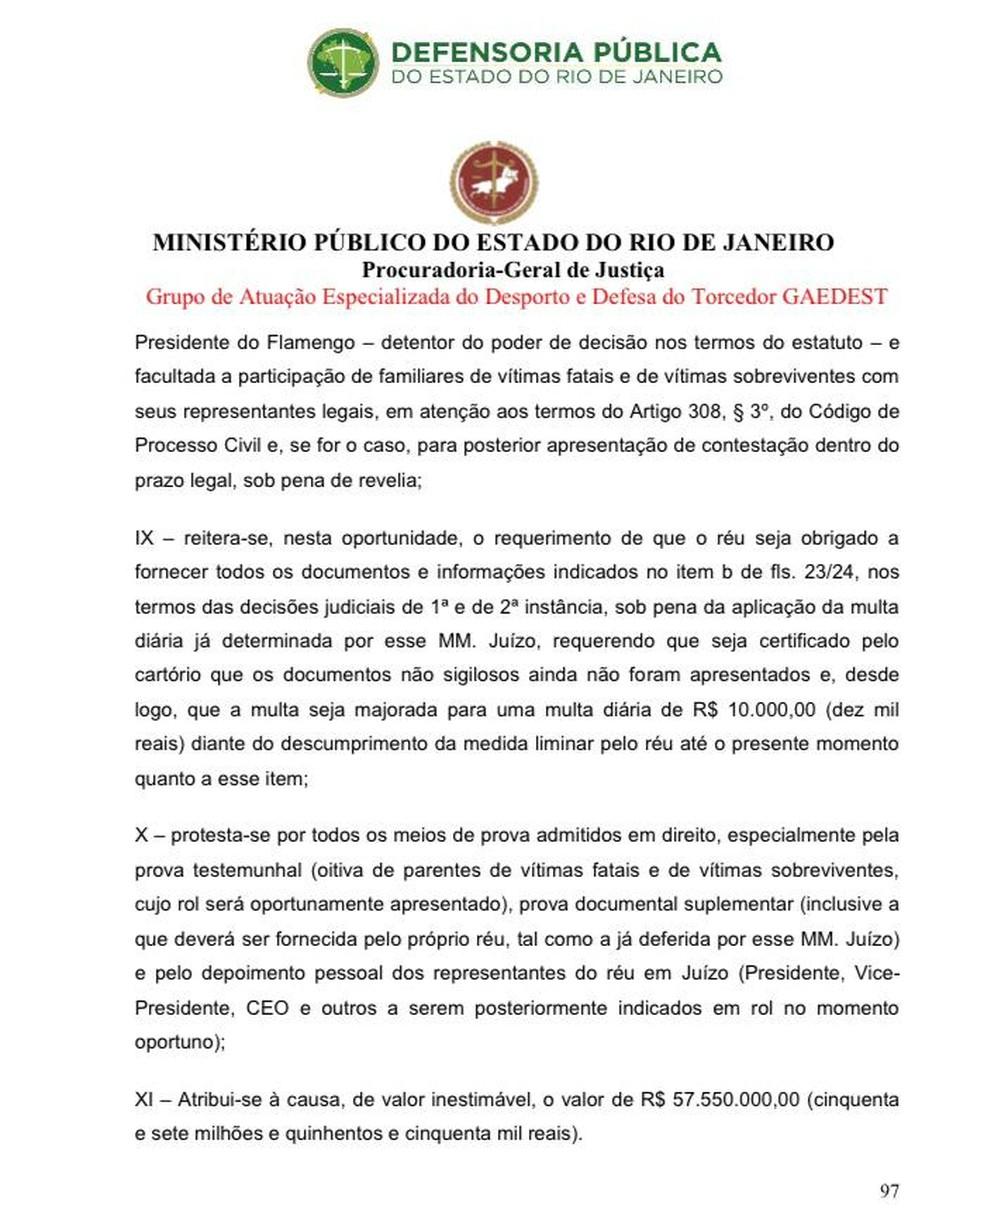 Ação MP-RJ contra o Flamengo — Foto: Reprodução